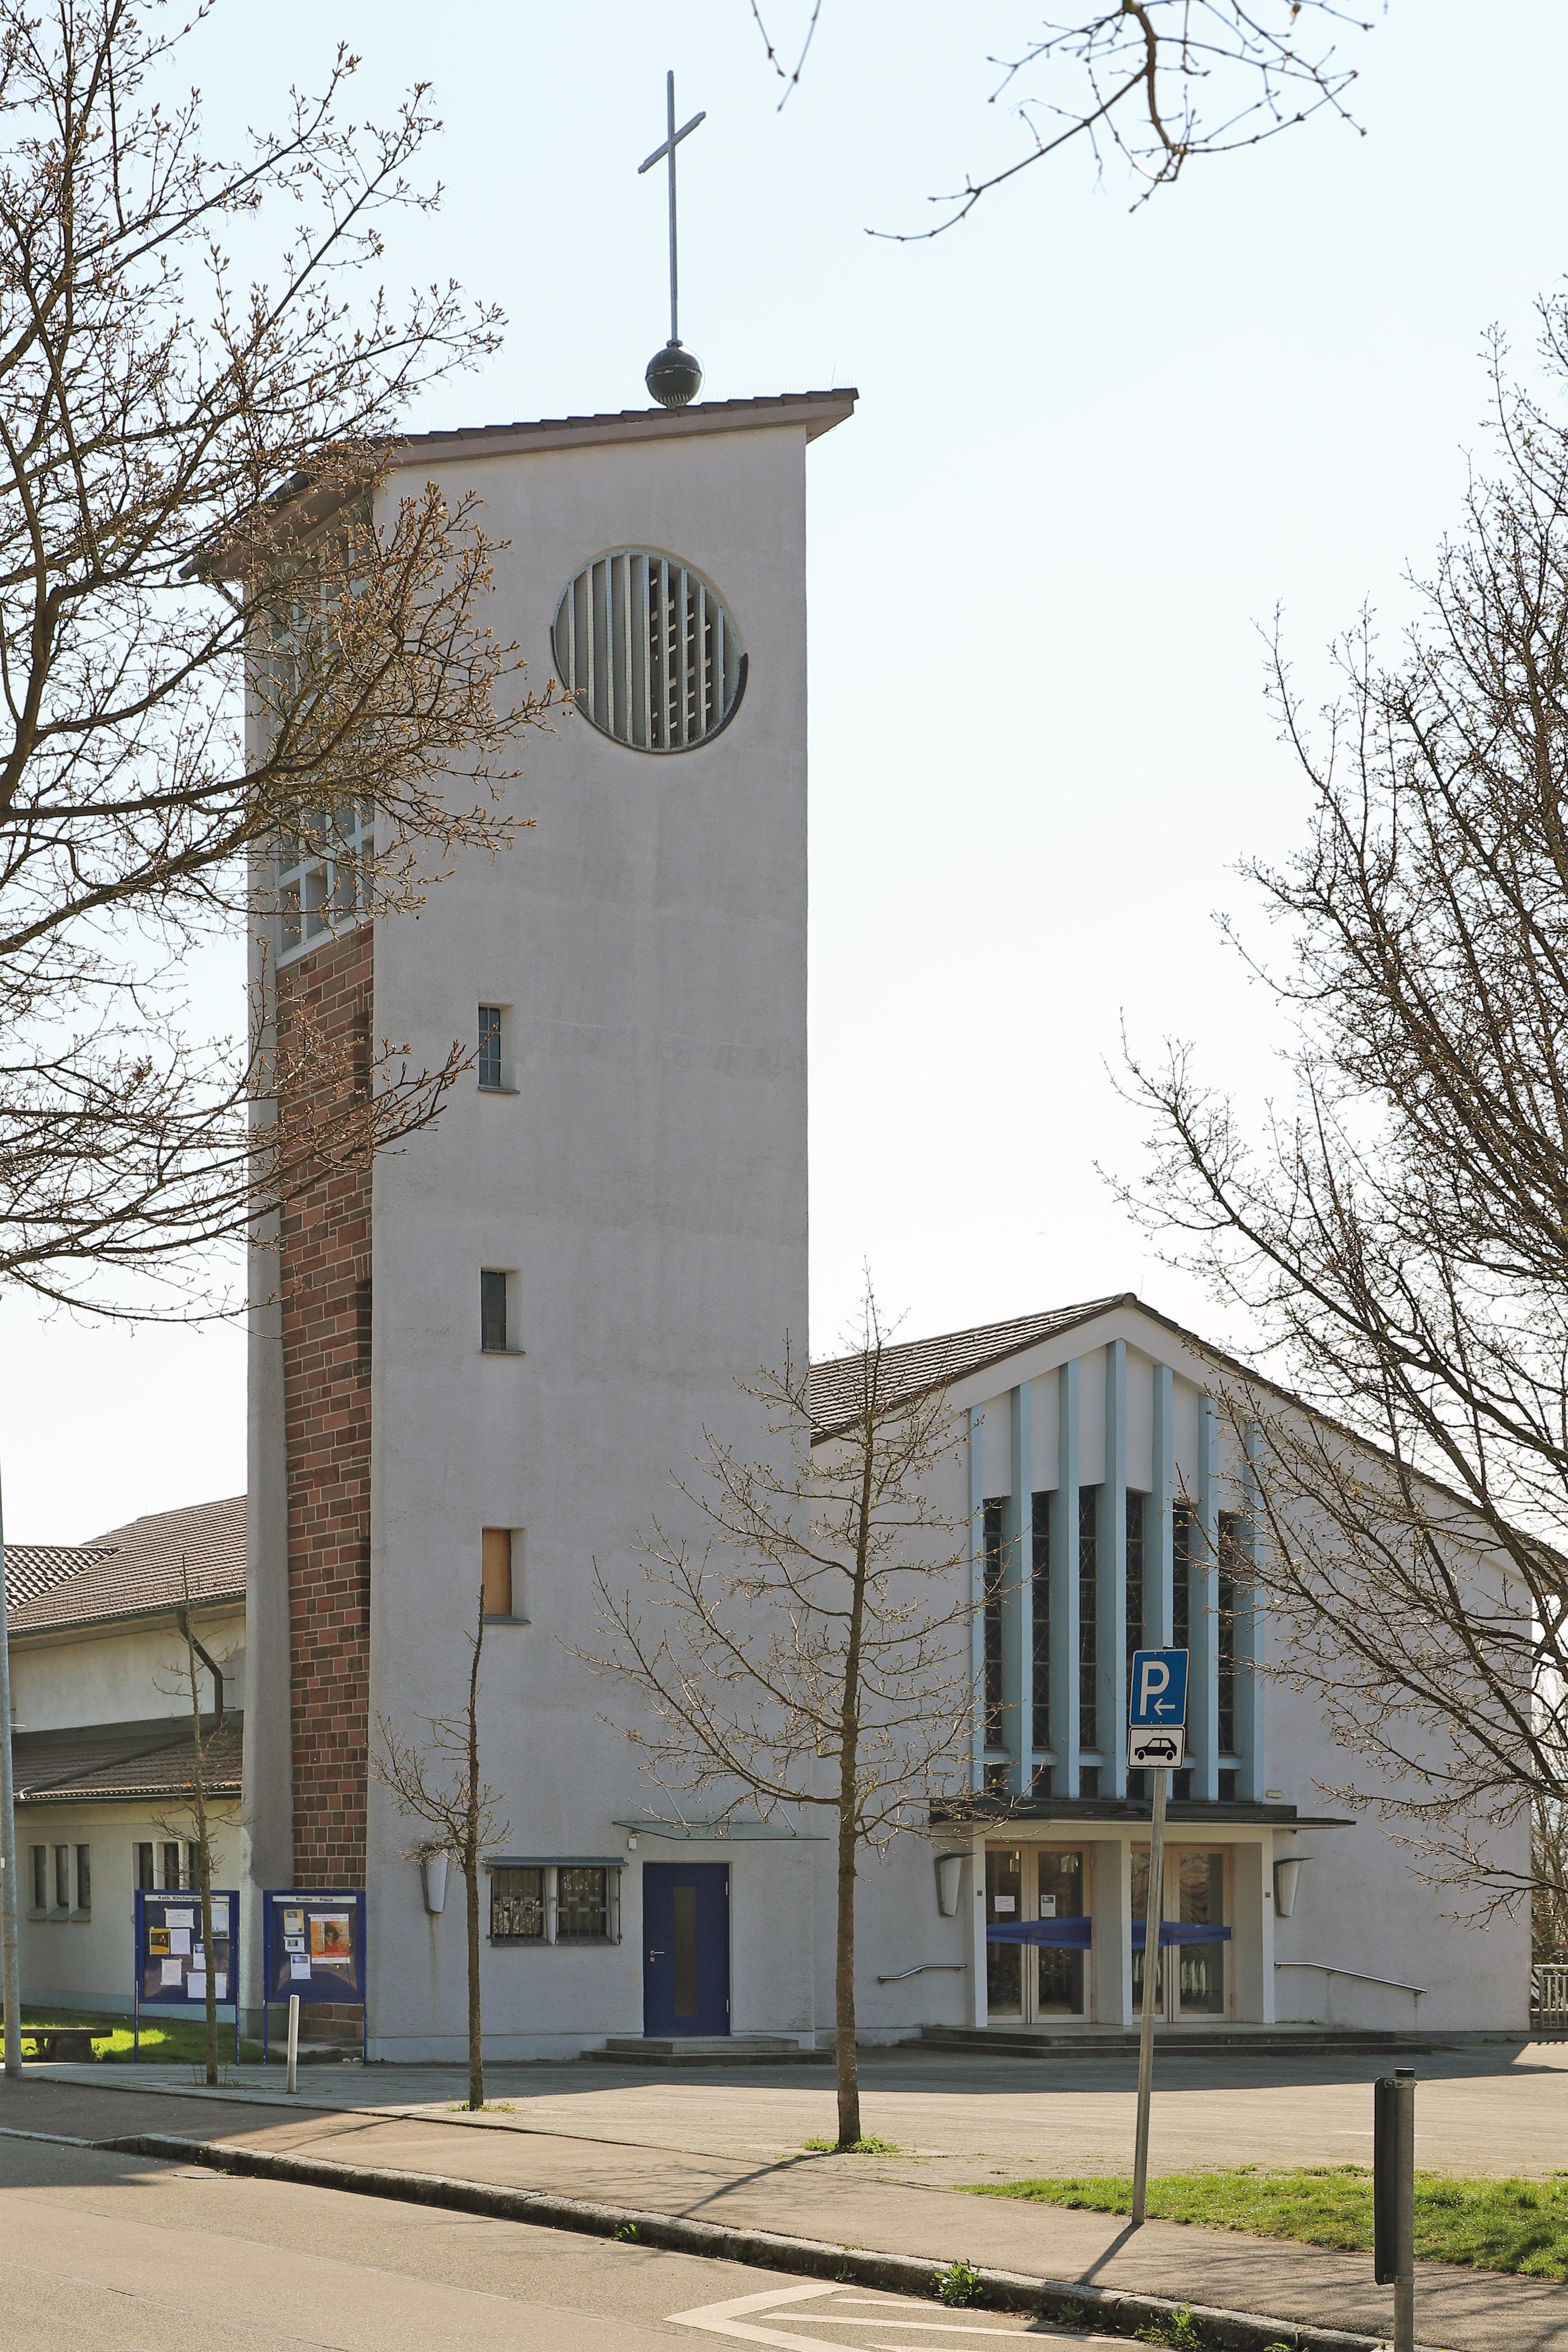 File:00 1220 Bruder Klaus Kirche in Göppingen, Jebenhausen